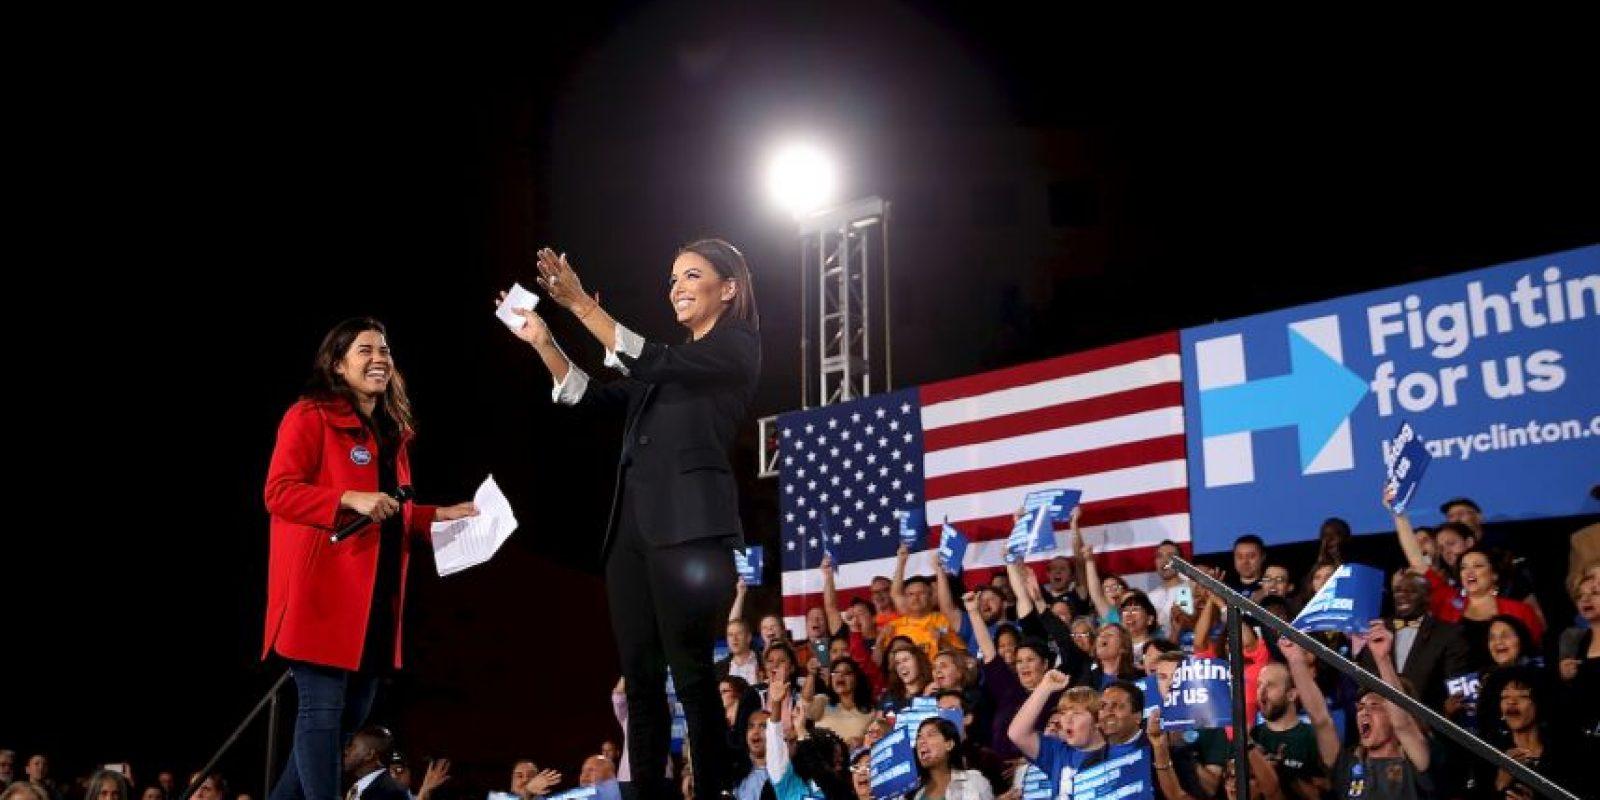 """Eva Longoria. Recientemente se unió a la campaña de Clinton para ayudarla a conseguir el voto latino en un evento realizado en Las Vegas. """"Ella es la persona más cualificada para dirigir este país"""", dijo. Foto:Getty Images"""